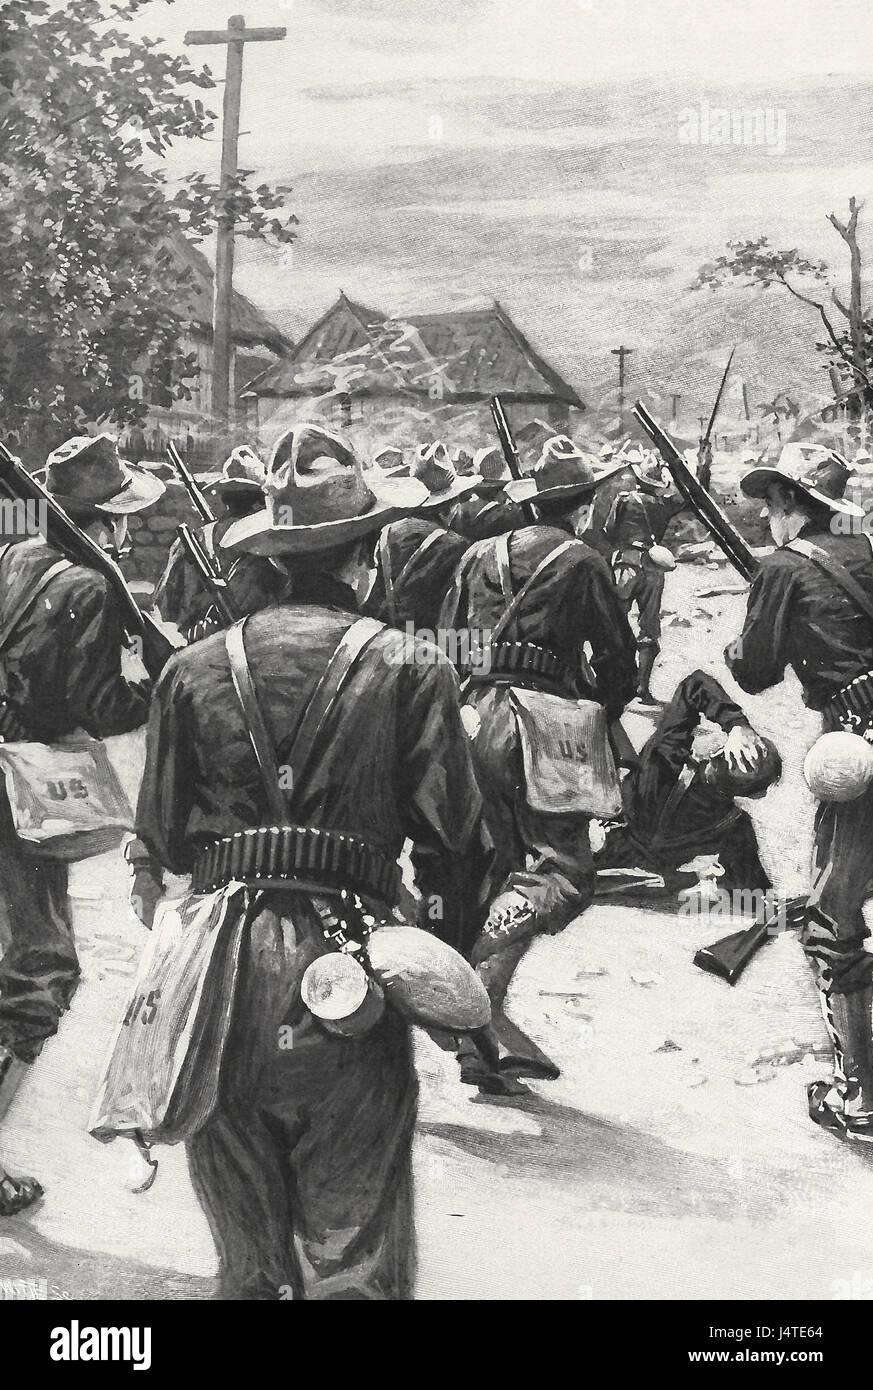 Resistenza tra le case del malato - Volontari dal primo California in conflitto con la resistenza - 1899 Immagini Stock